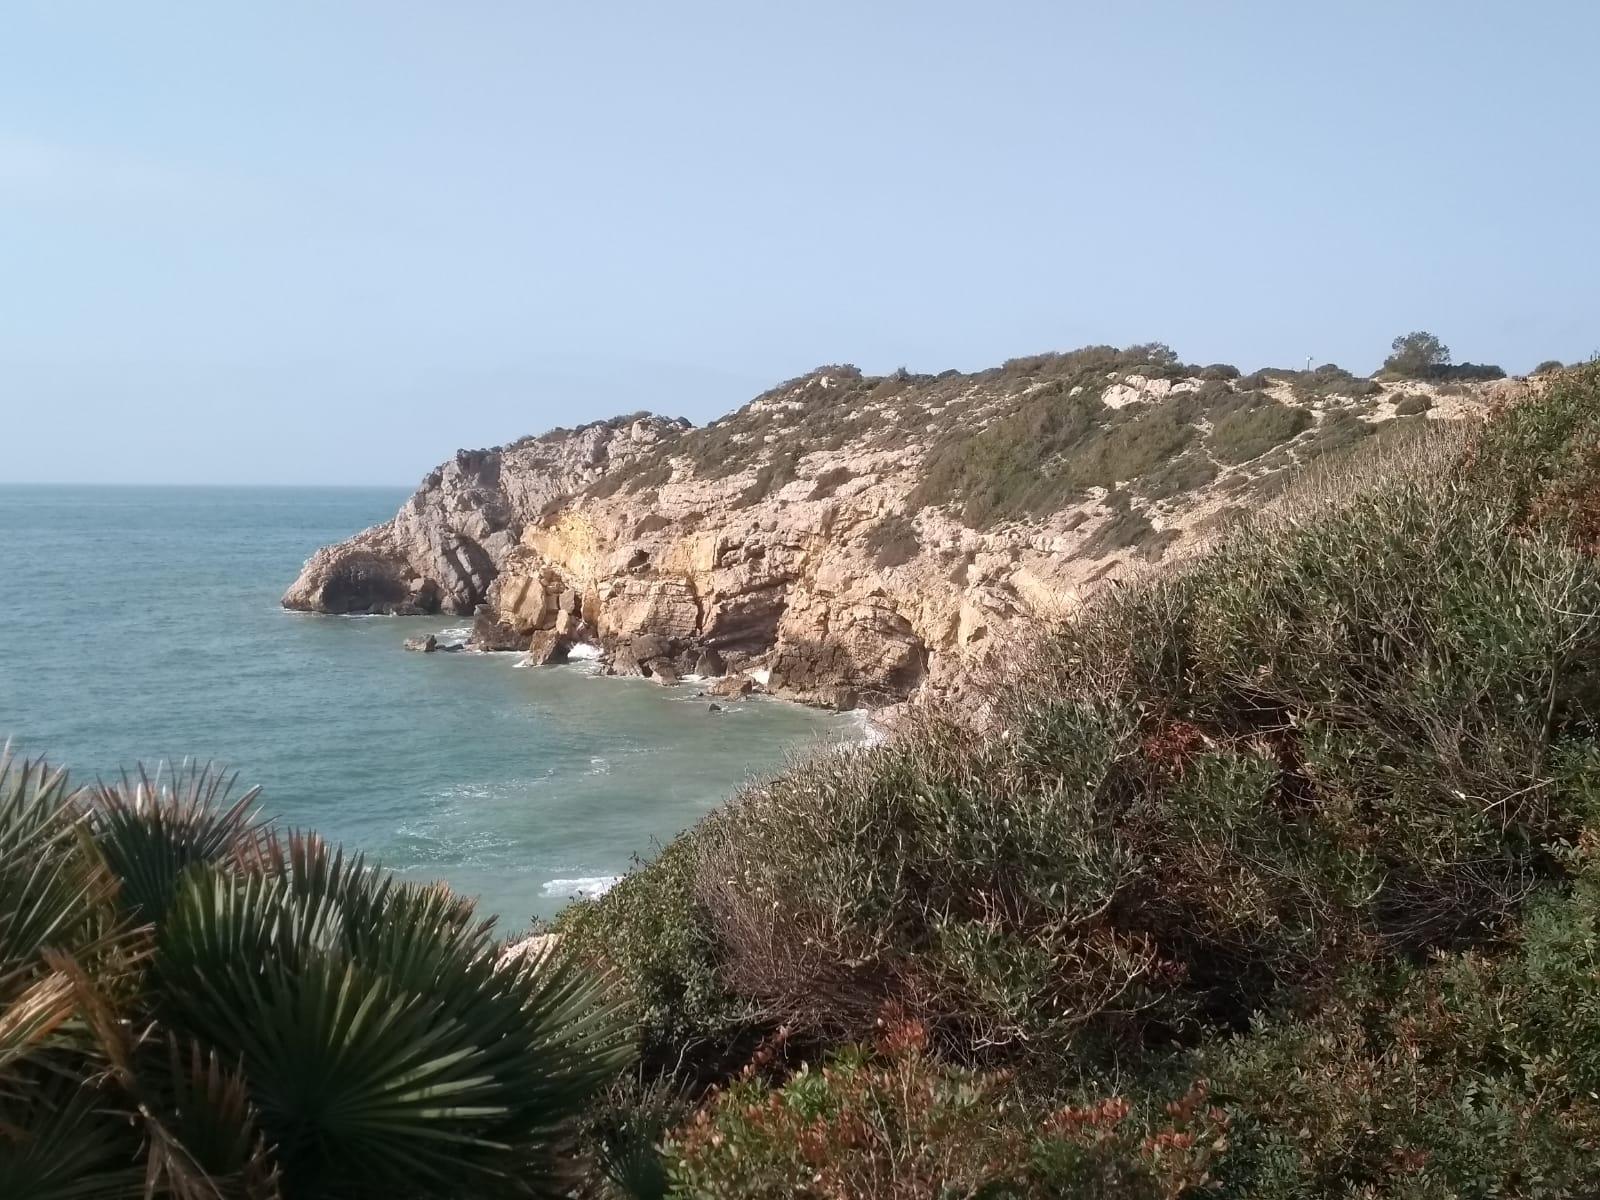 Ruta de les cales, Vilanova i la Geltrú